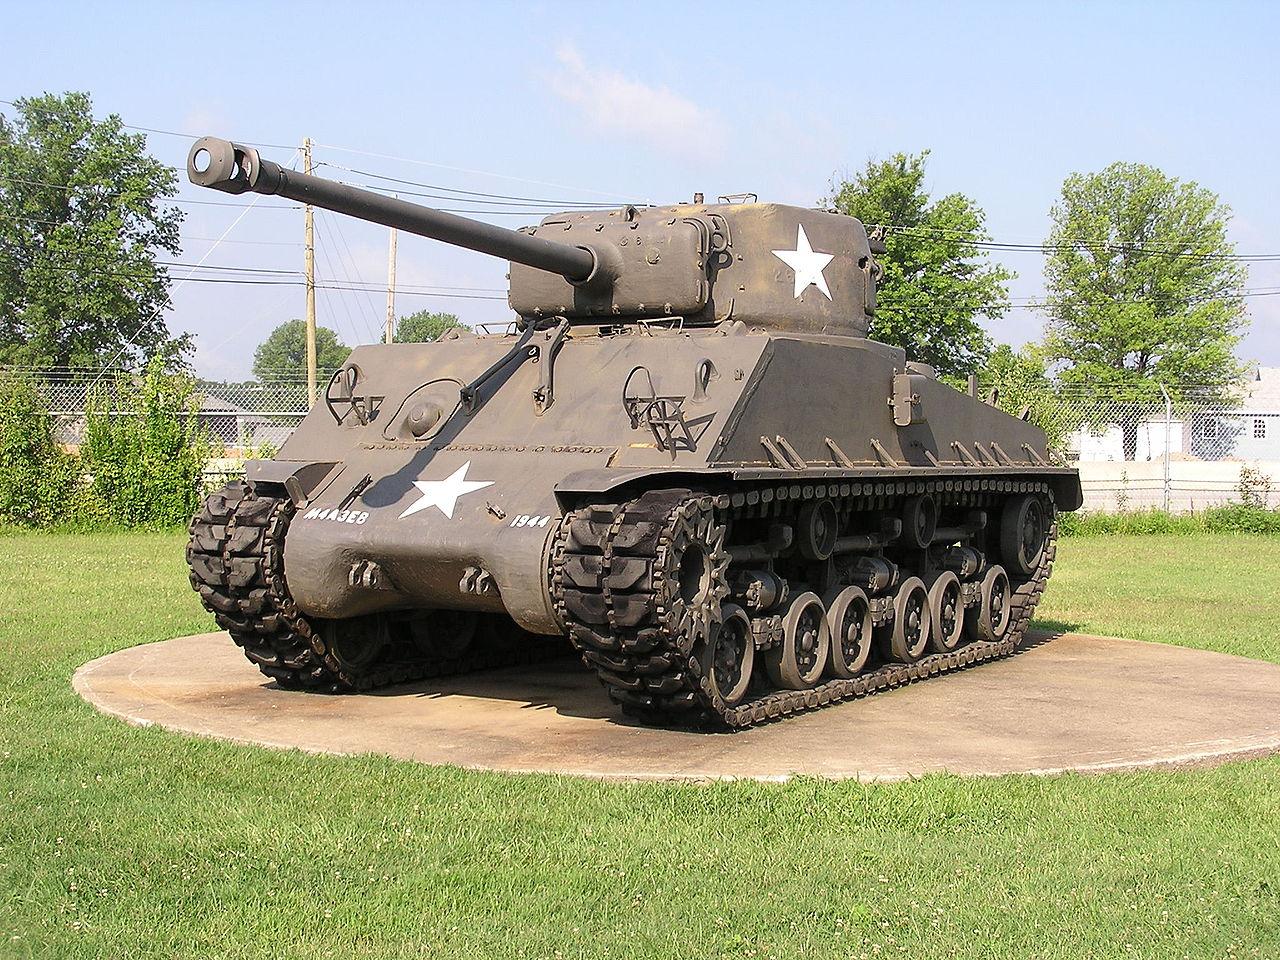 1280px-TankshermanM4